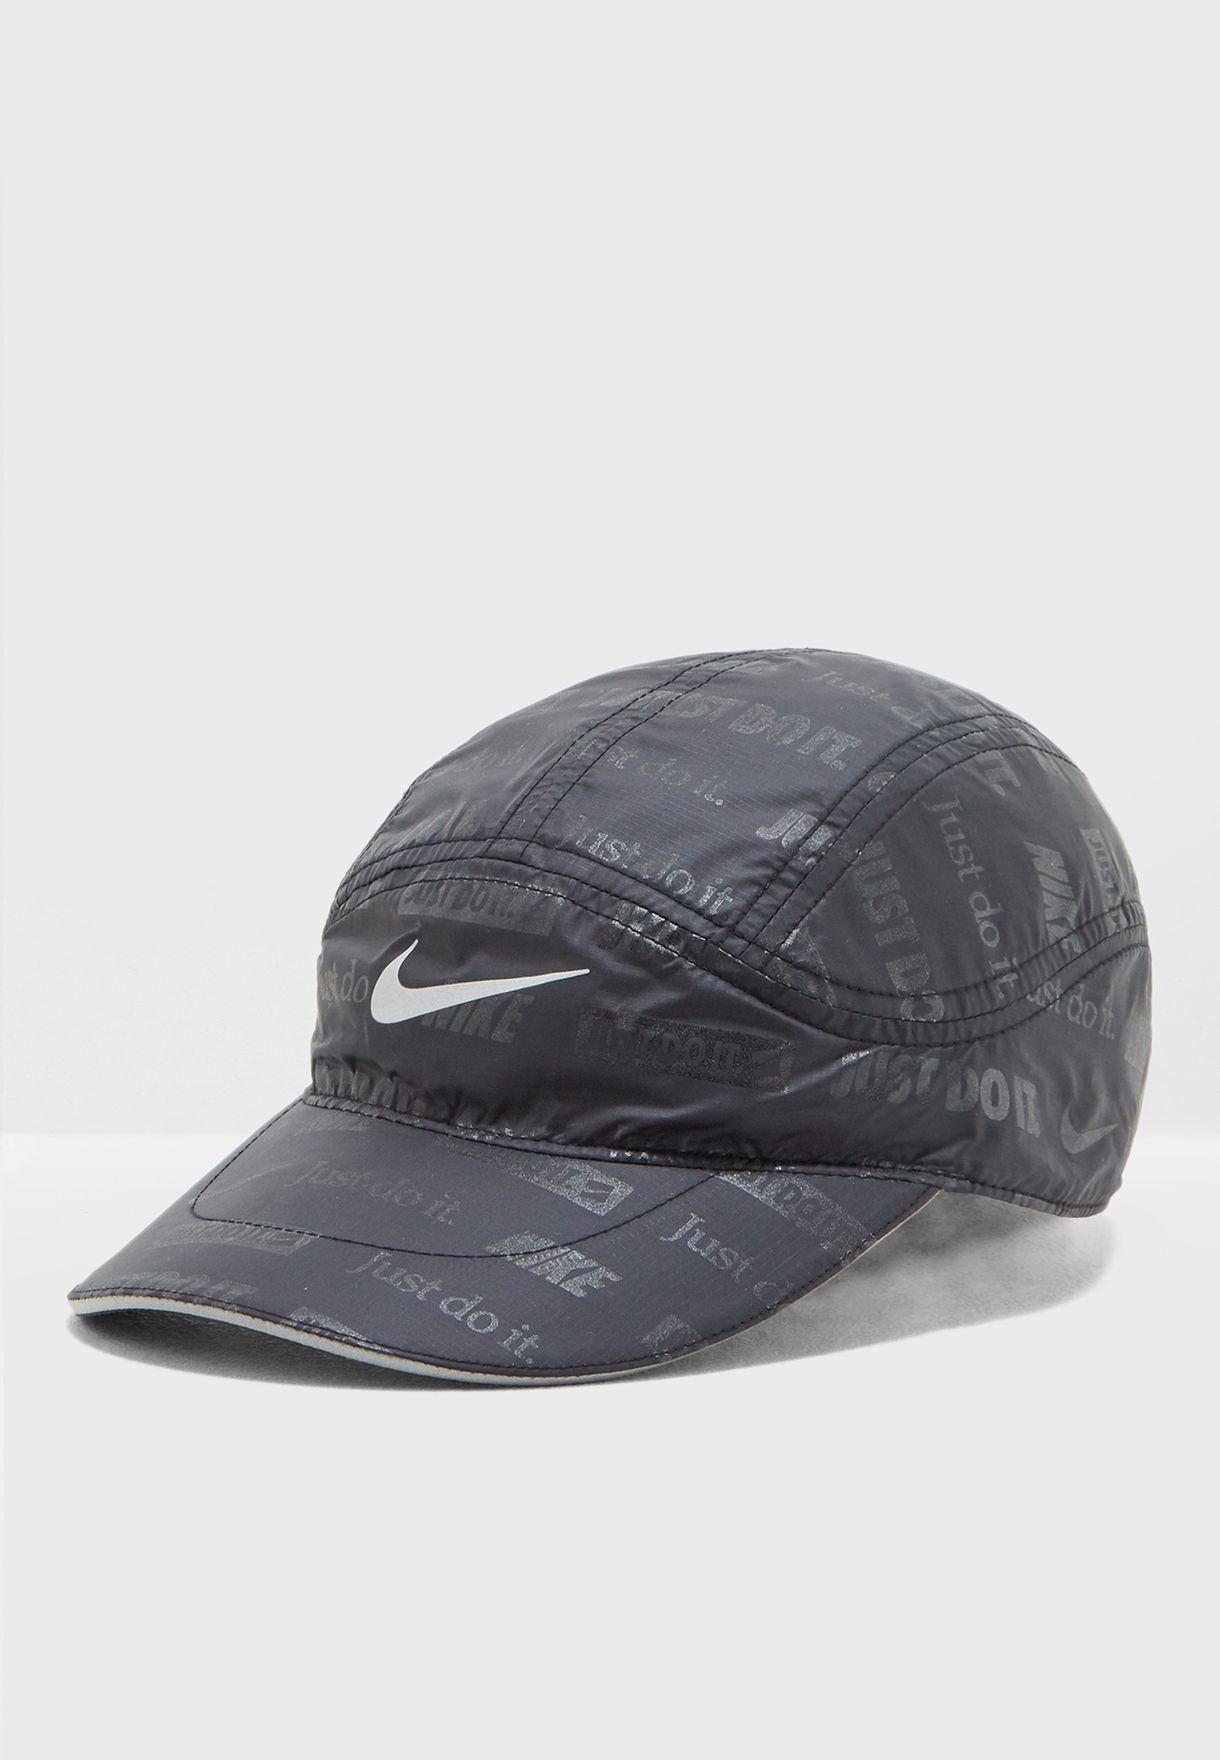 Shop Nike black Tailwind Flash Cap AR1079-010 for Men in Qatar -  NI727AC13LUG 8946bdc63e7